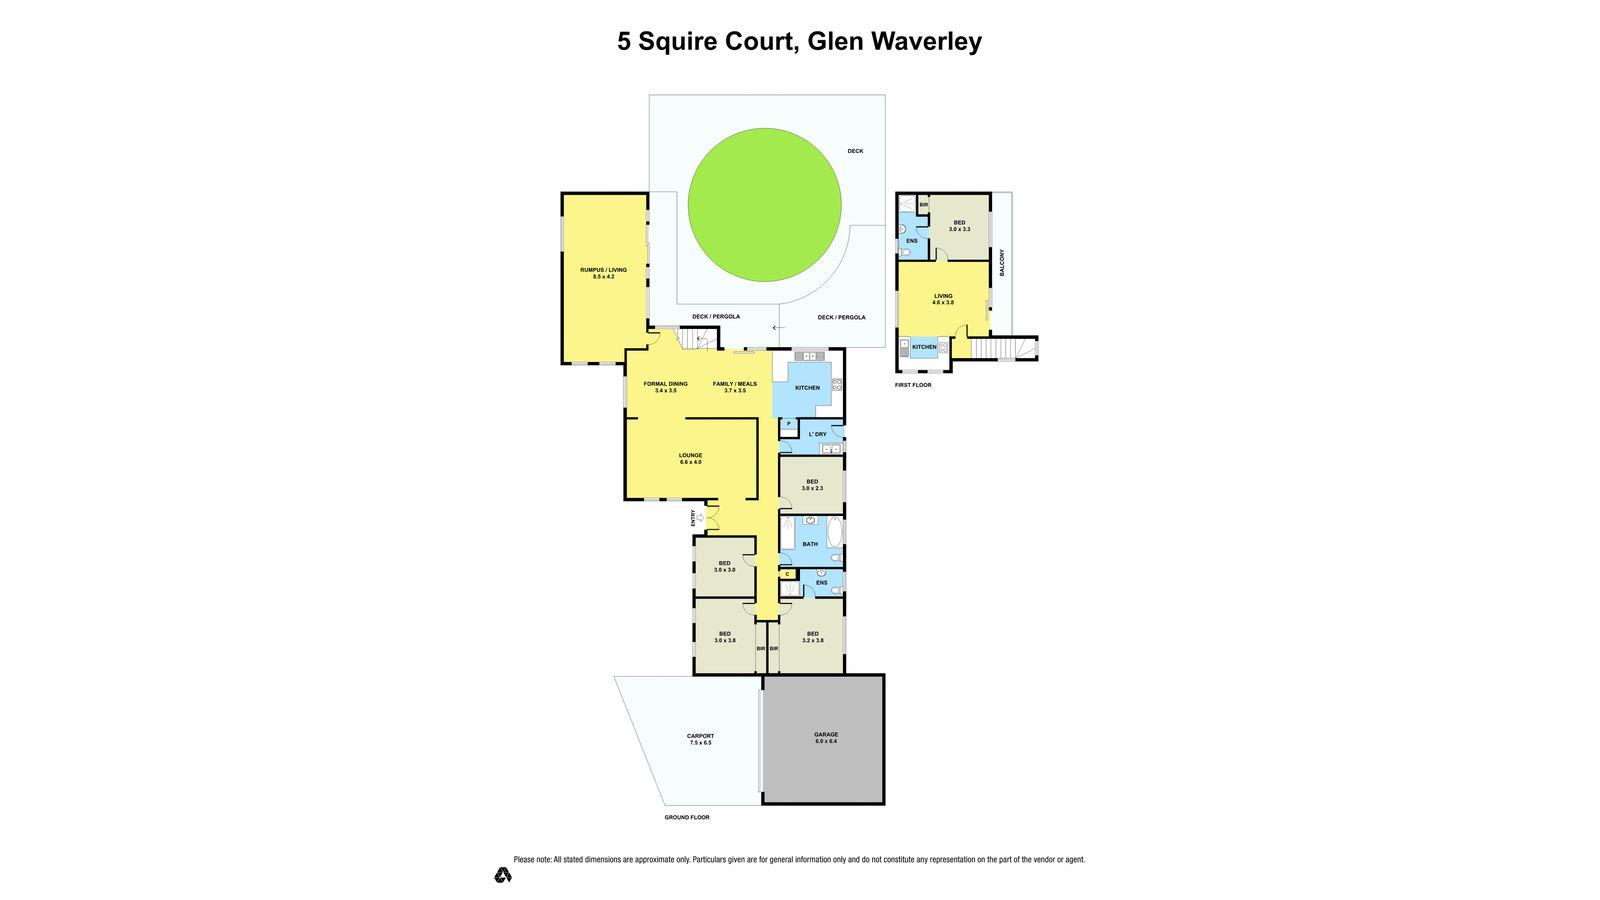 5 Squire Court, Glen Waverley